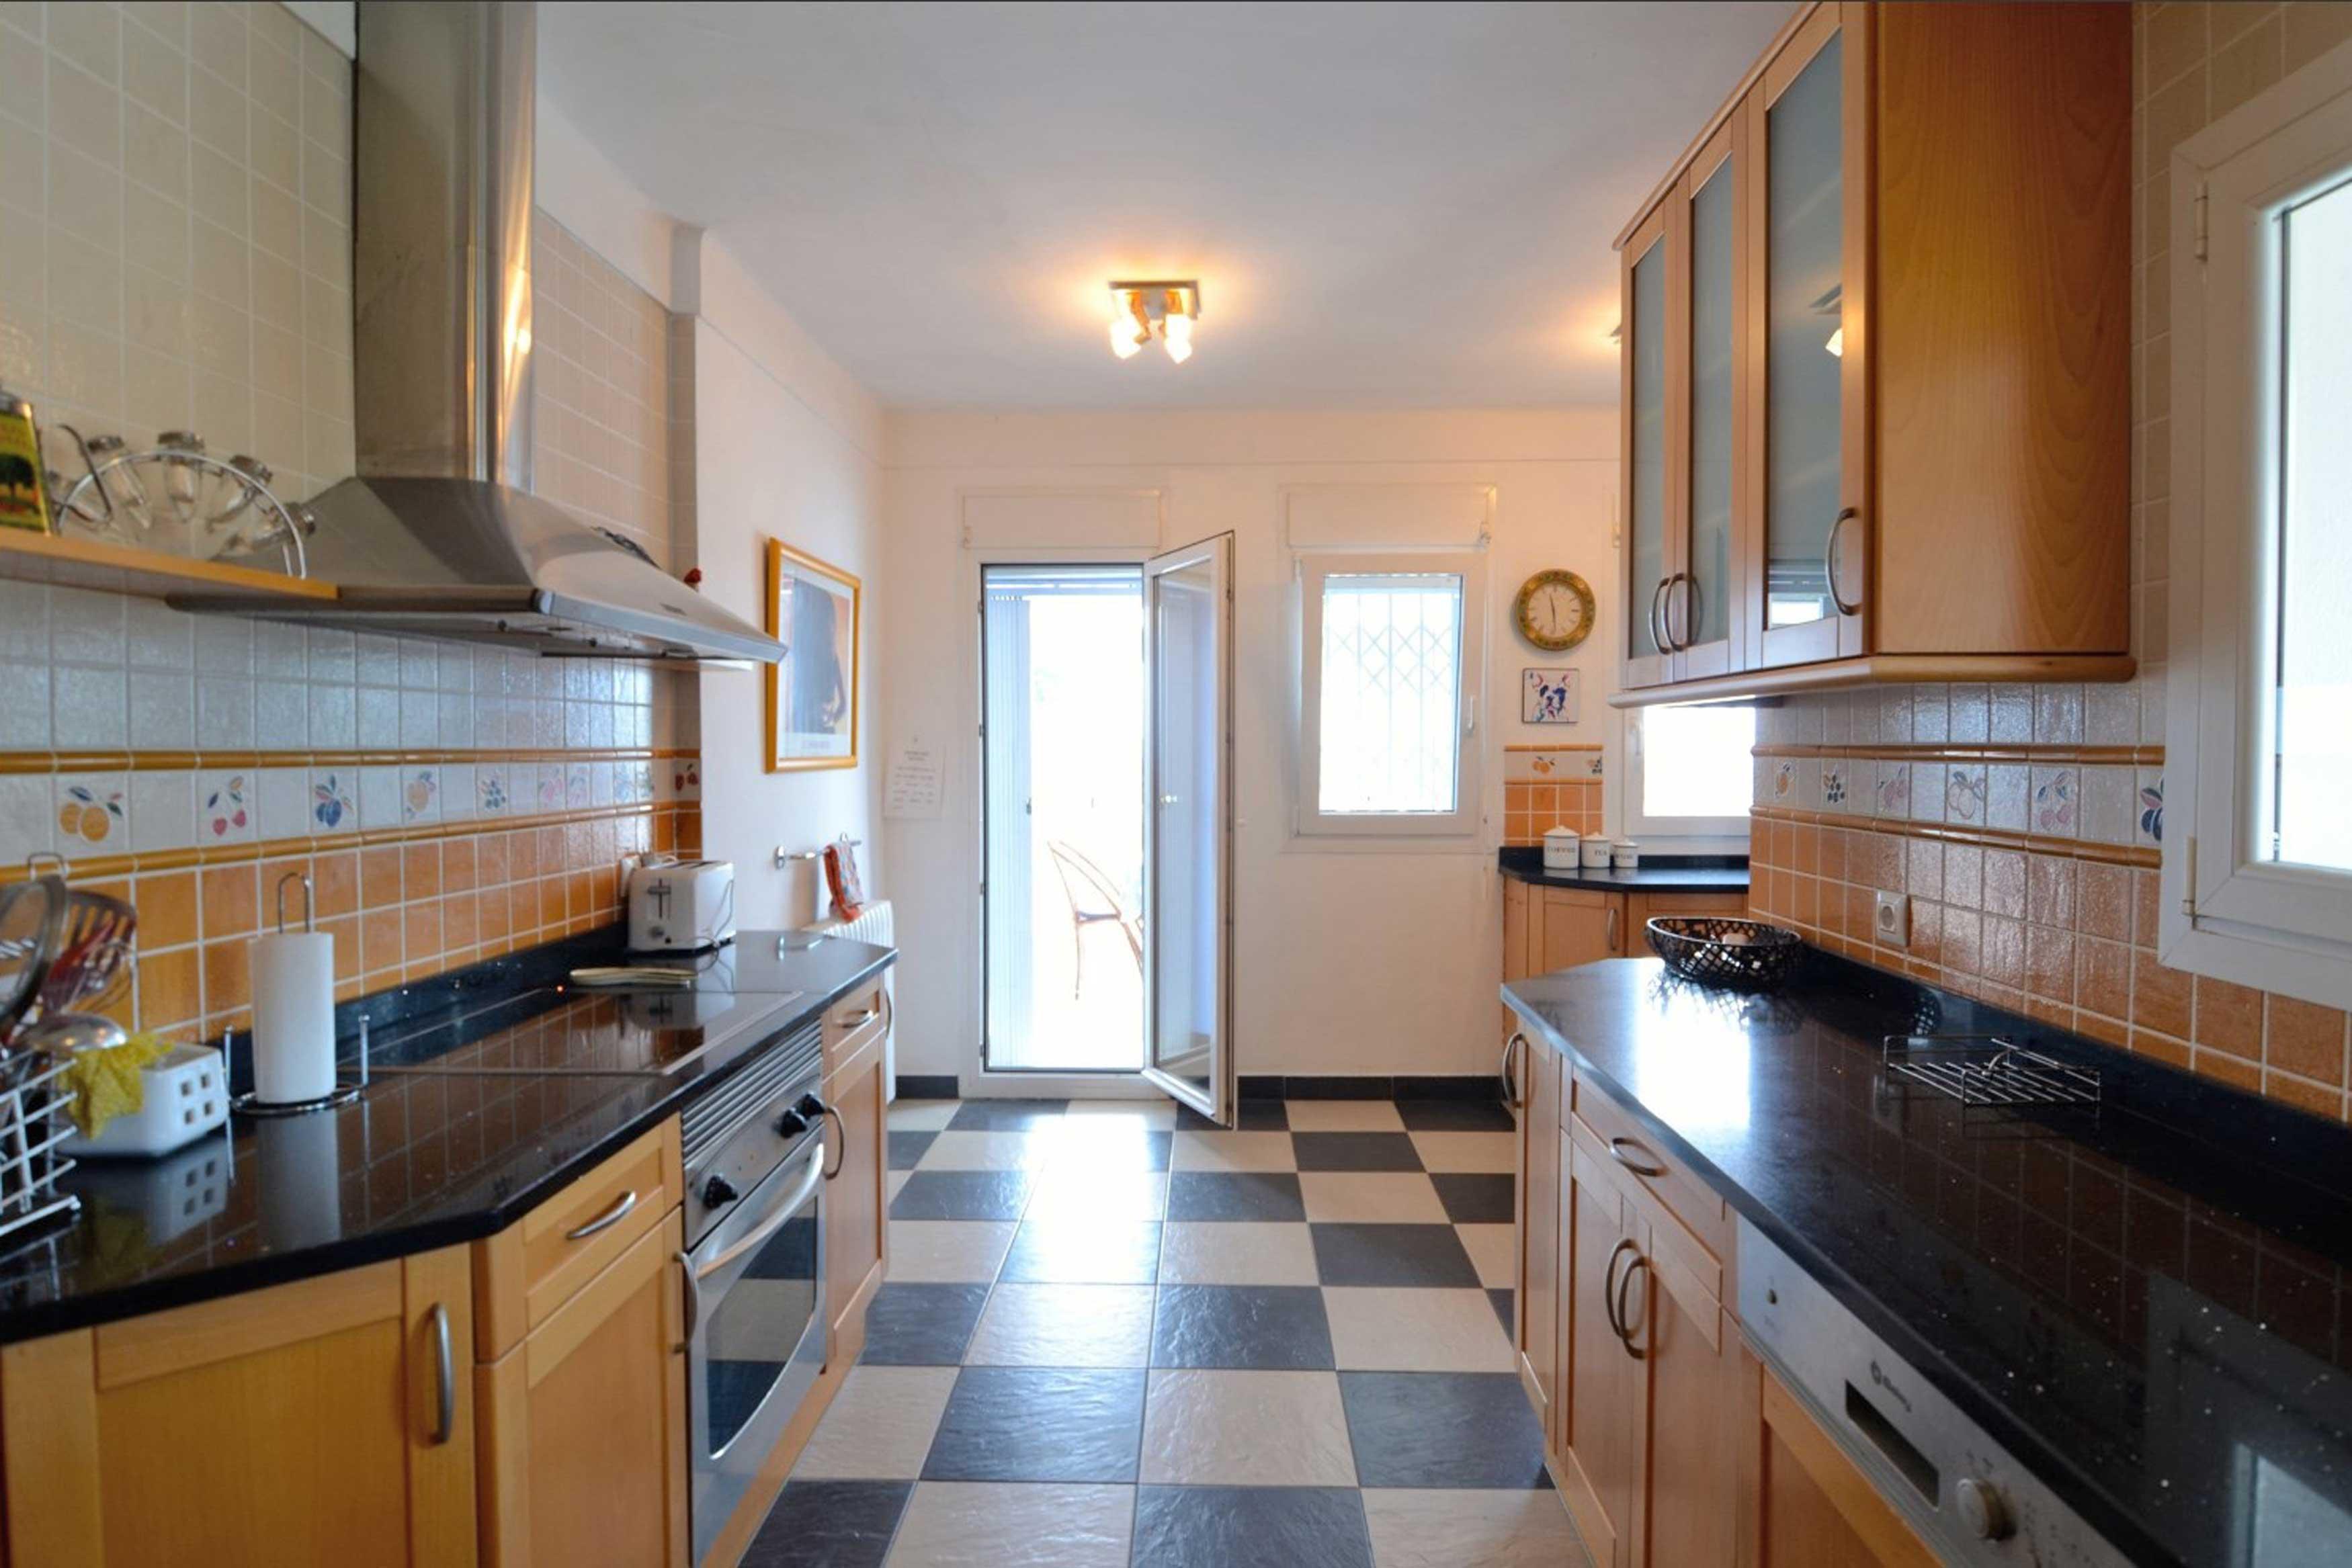 Grote keuken met oven en vaatwasser villa Buckingham